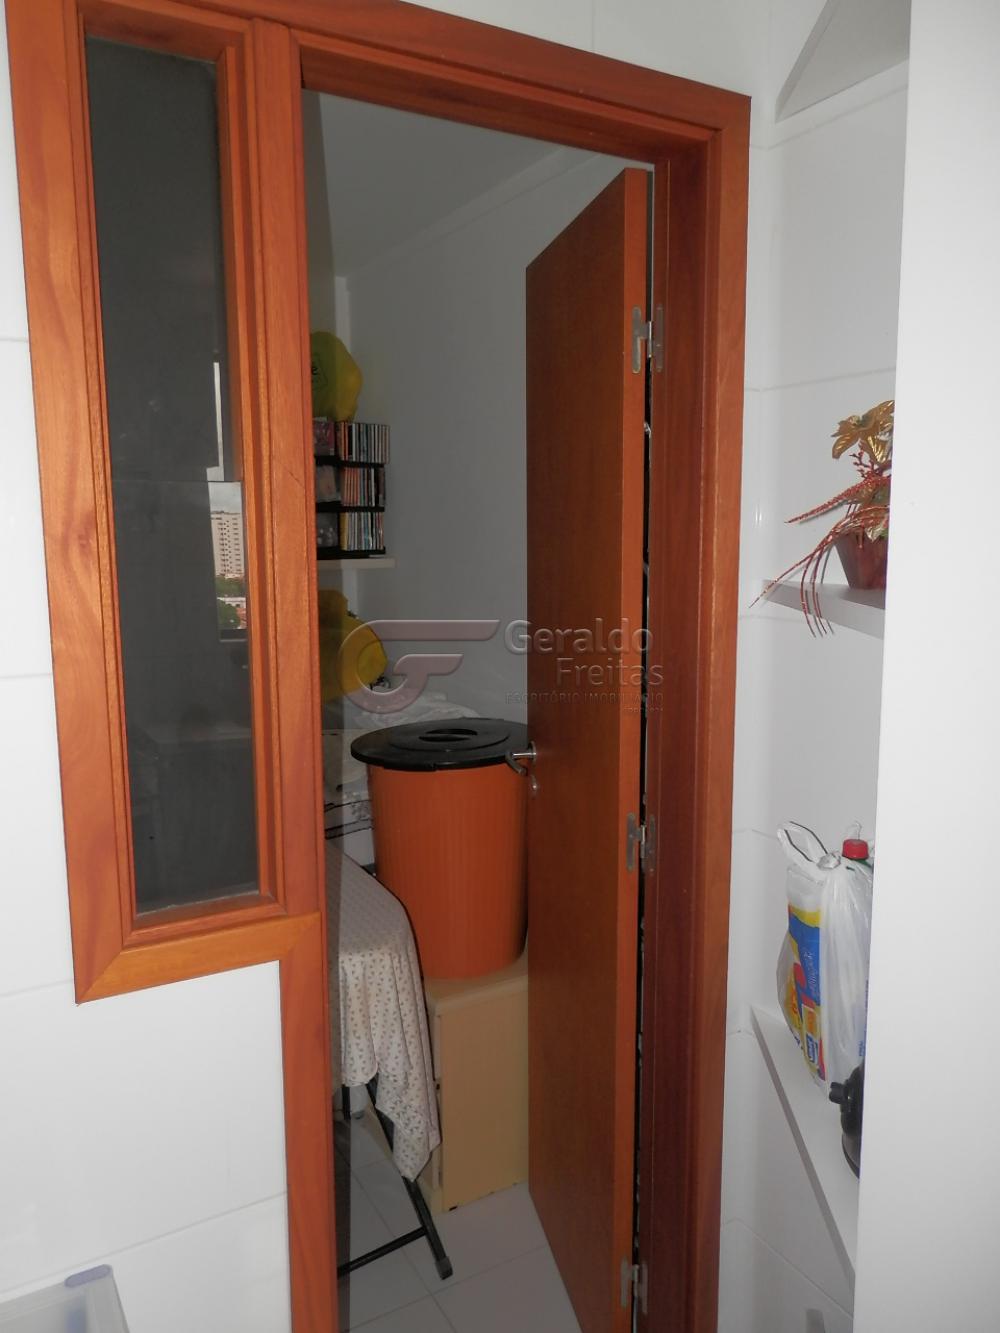 Comprar Apartamentos / Padrão em Maceió apenas R$ 650.000,00 - Foto 7